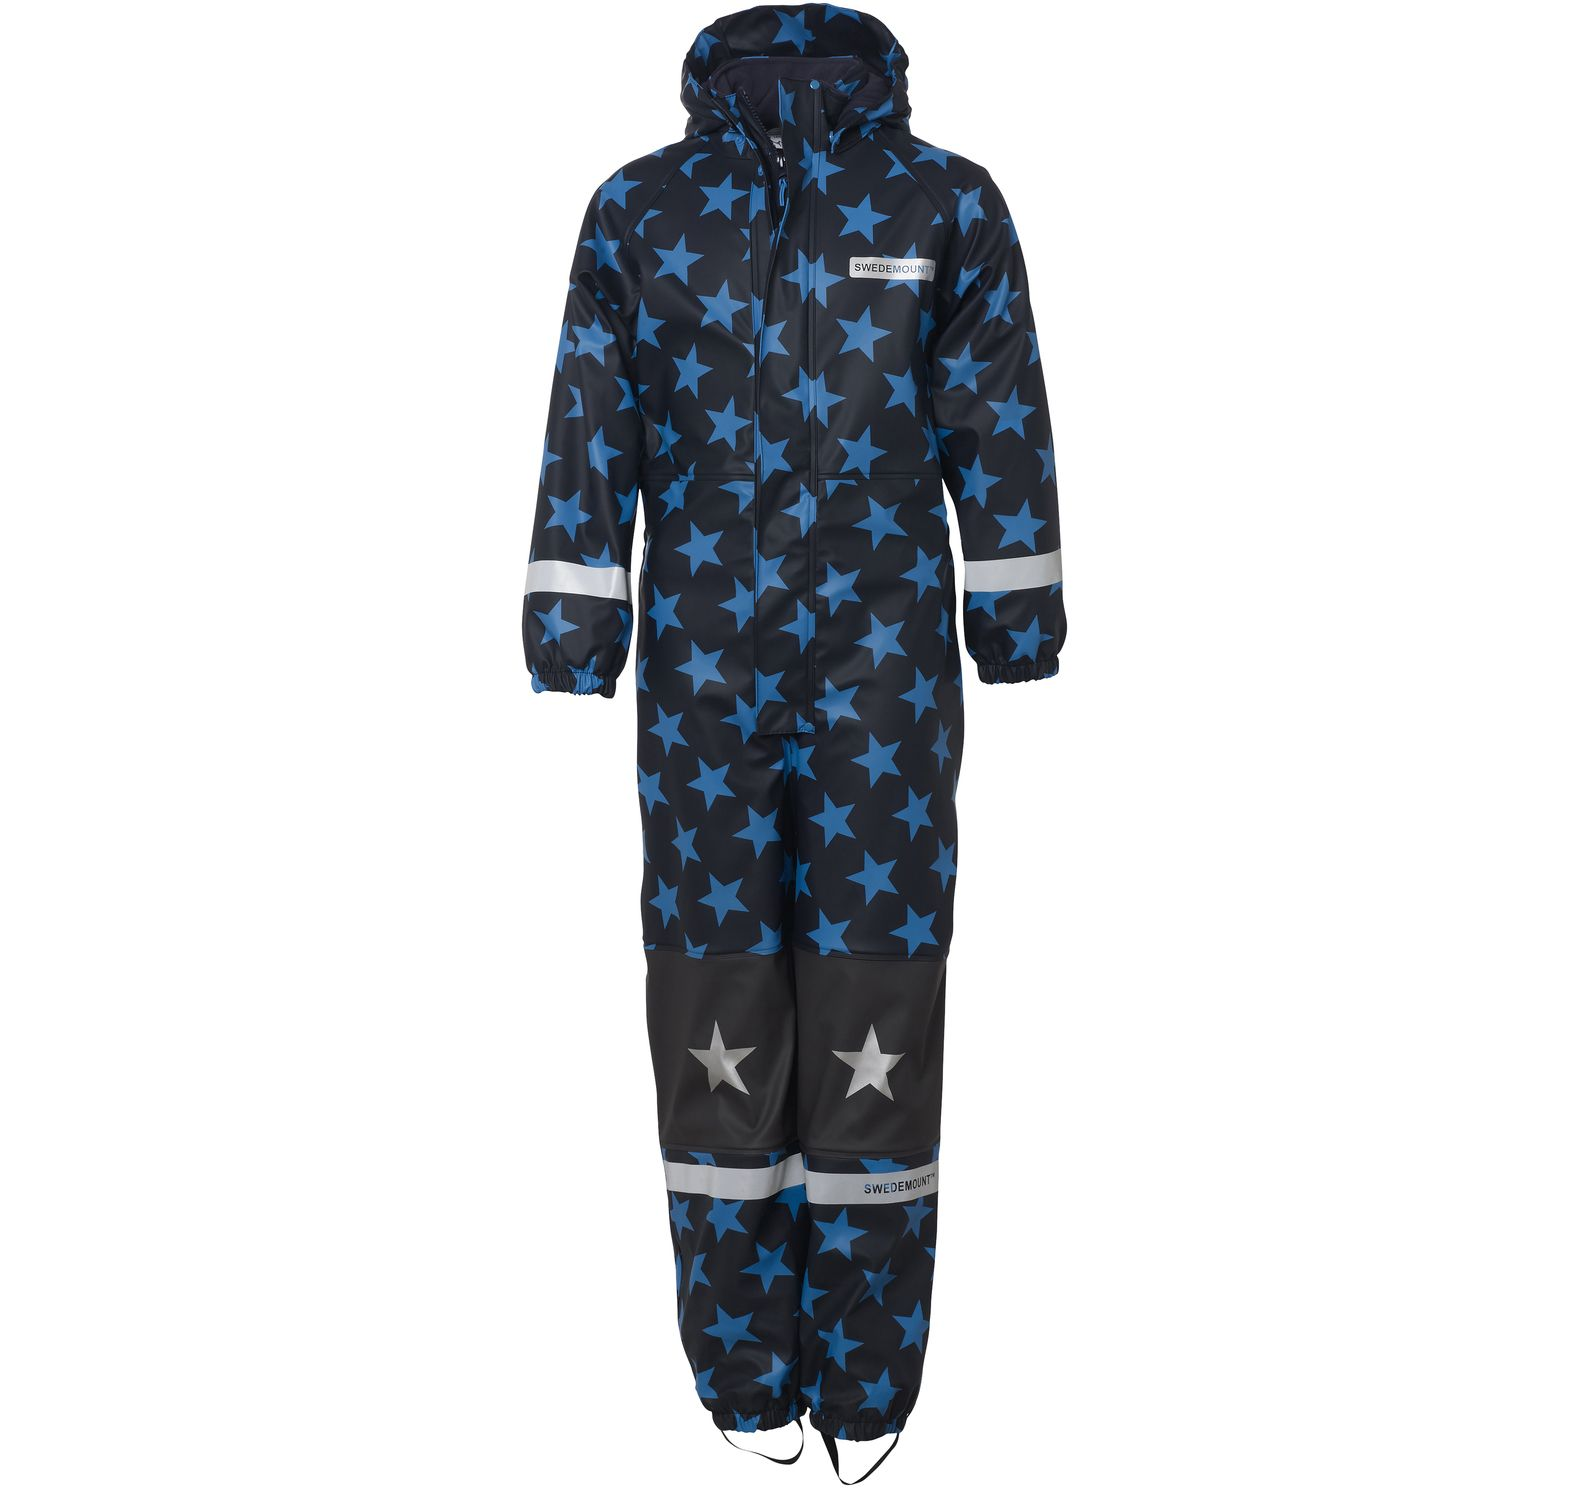 frost rainoverall, sea blue/dk navy, 110, regnkläder för barn